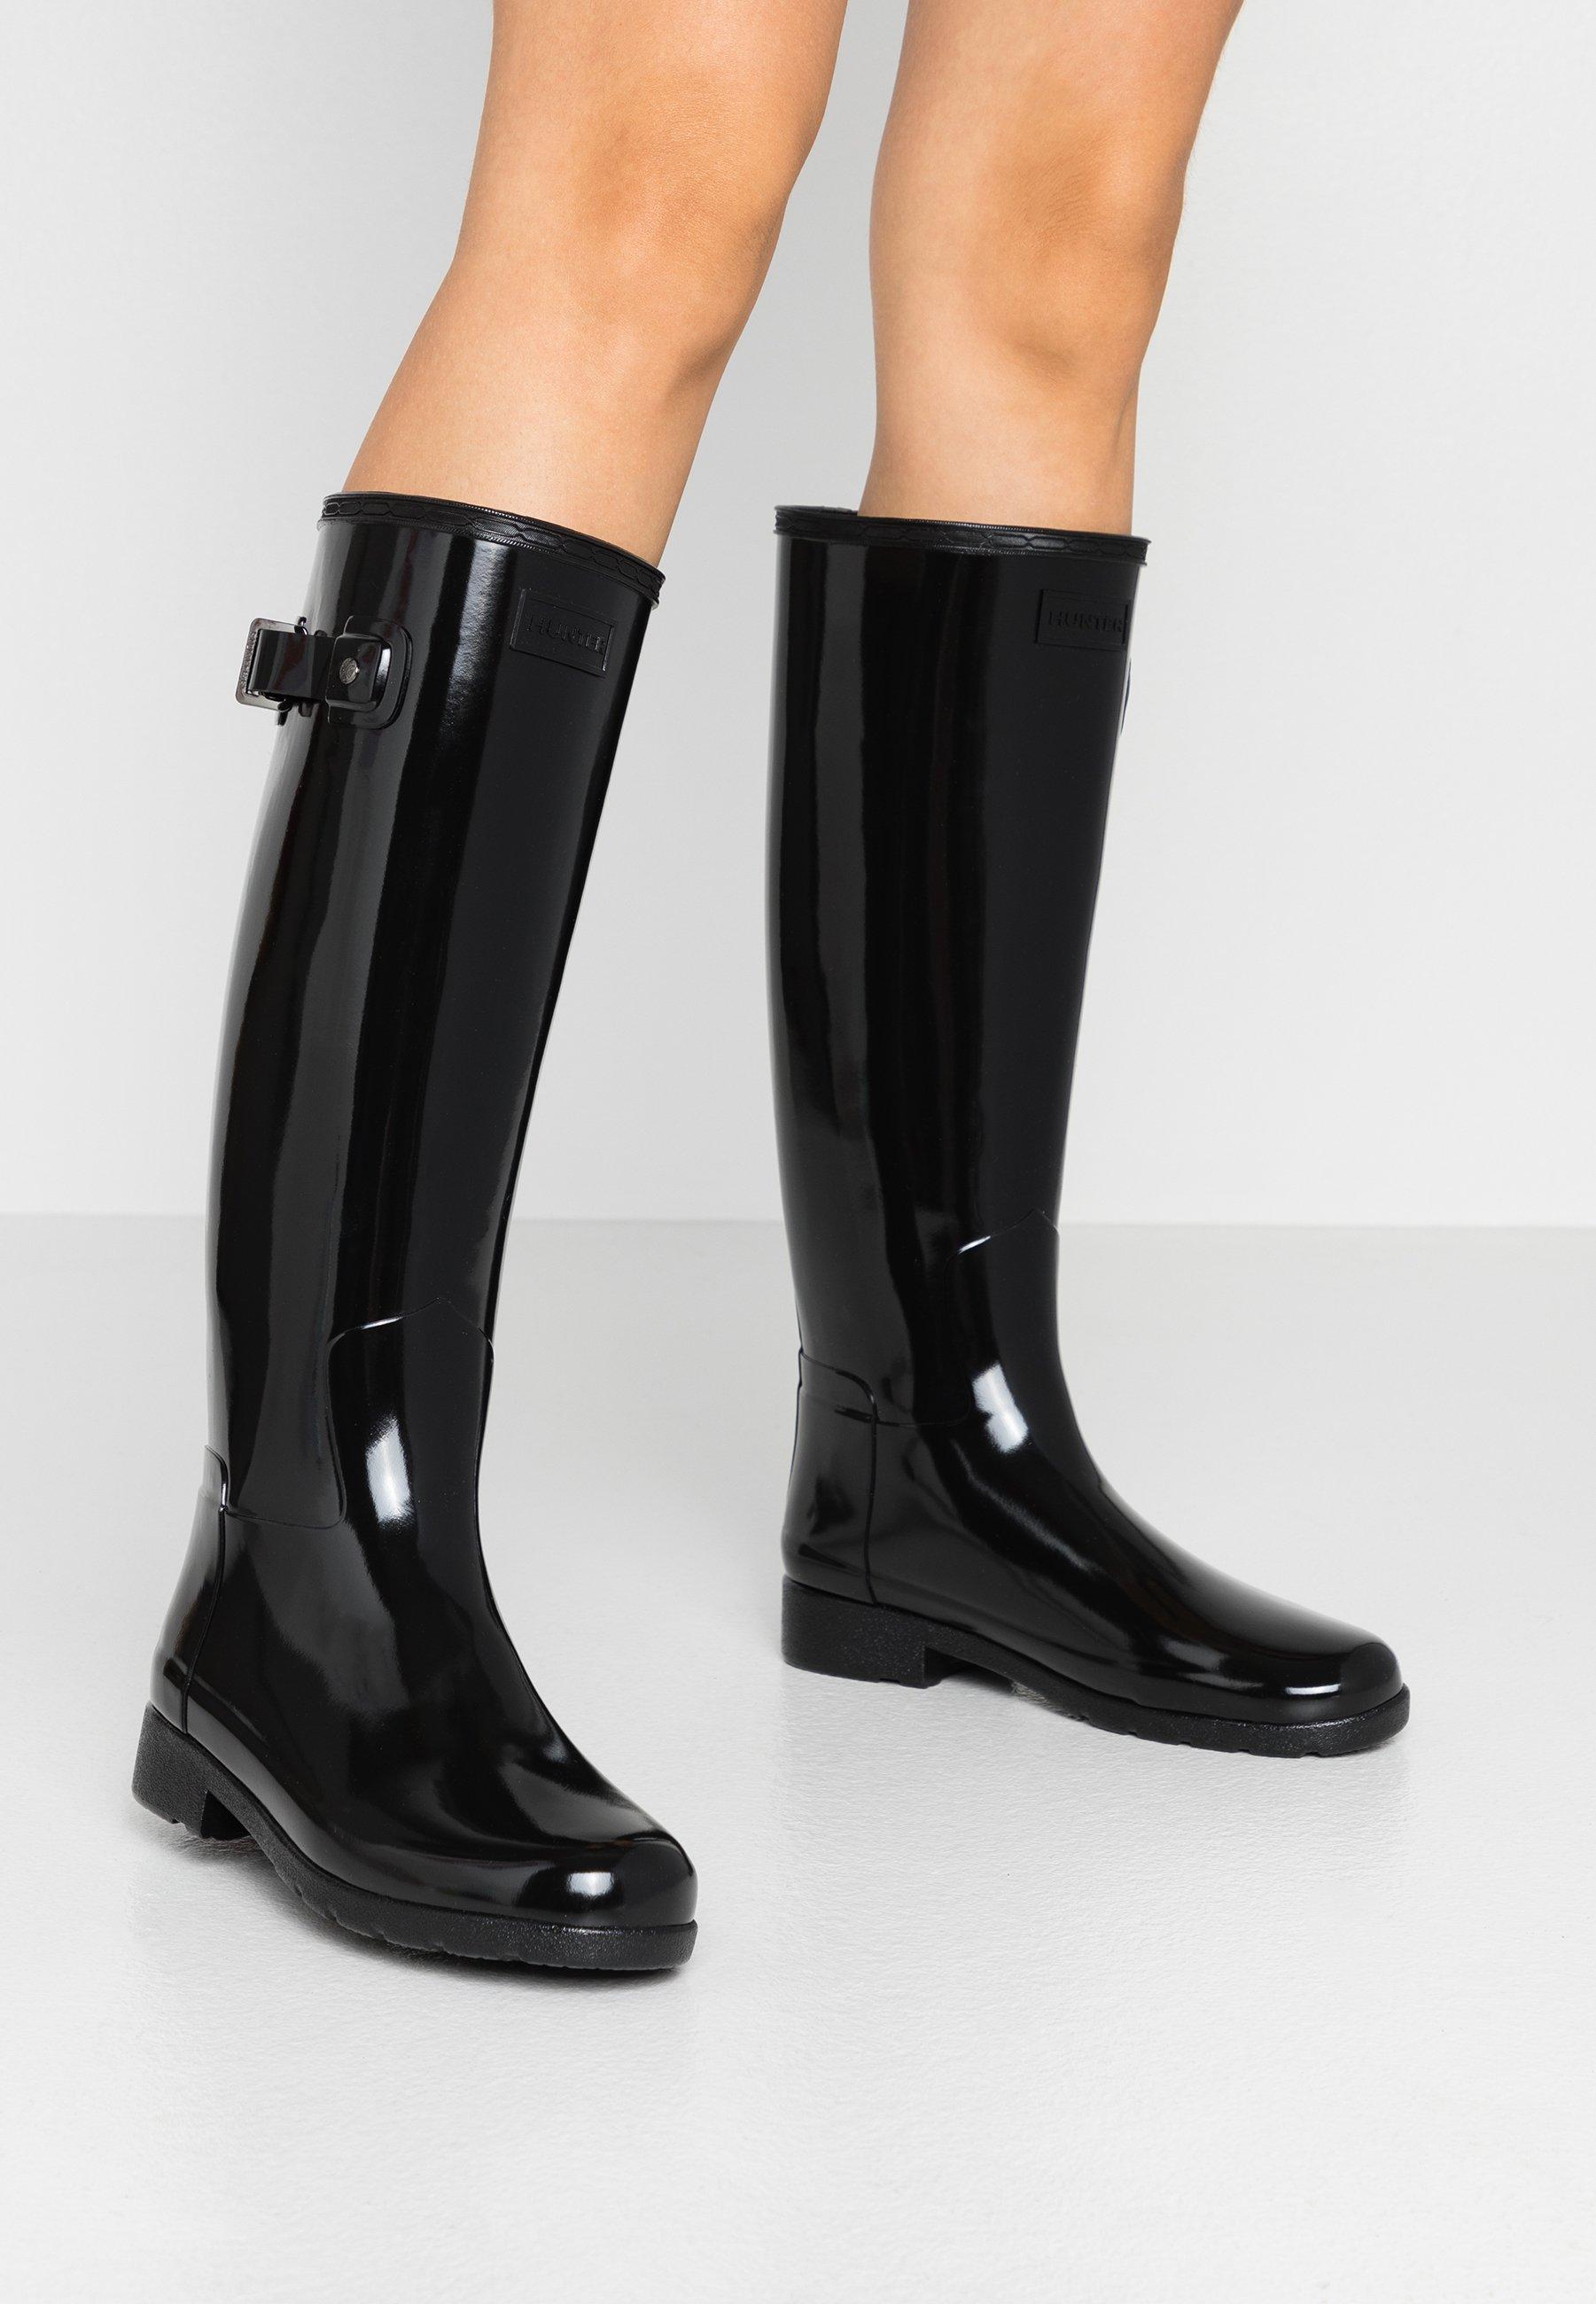 Bottes de pluie femme | Tous les articles chez Zalando